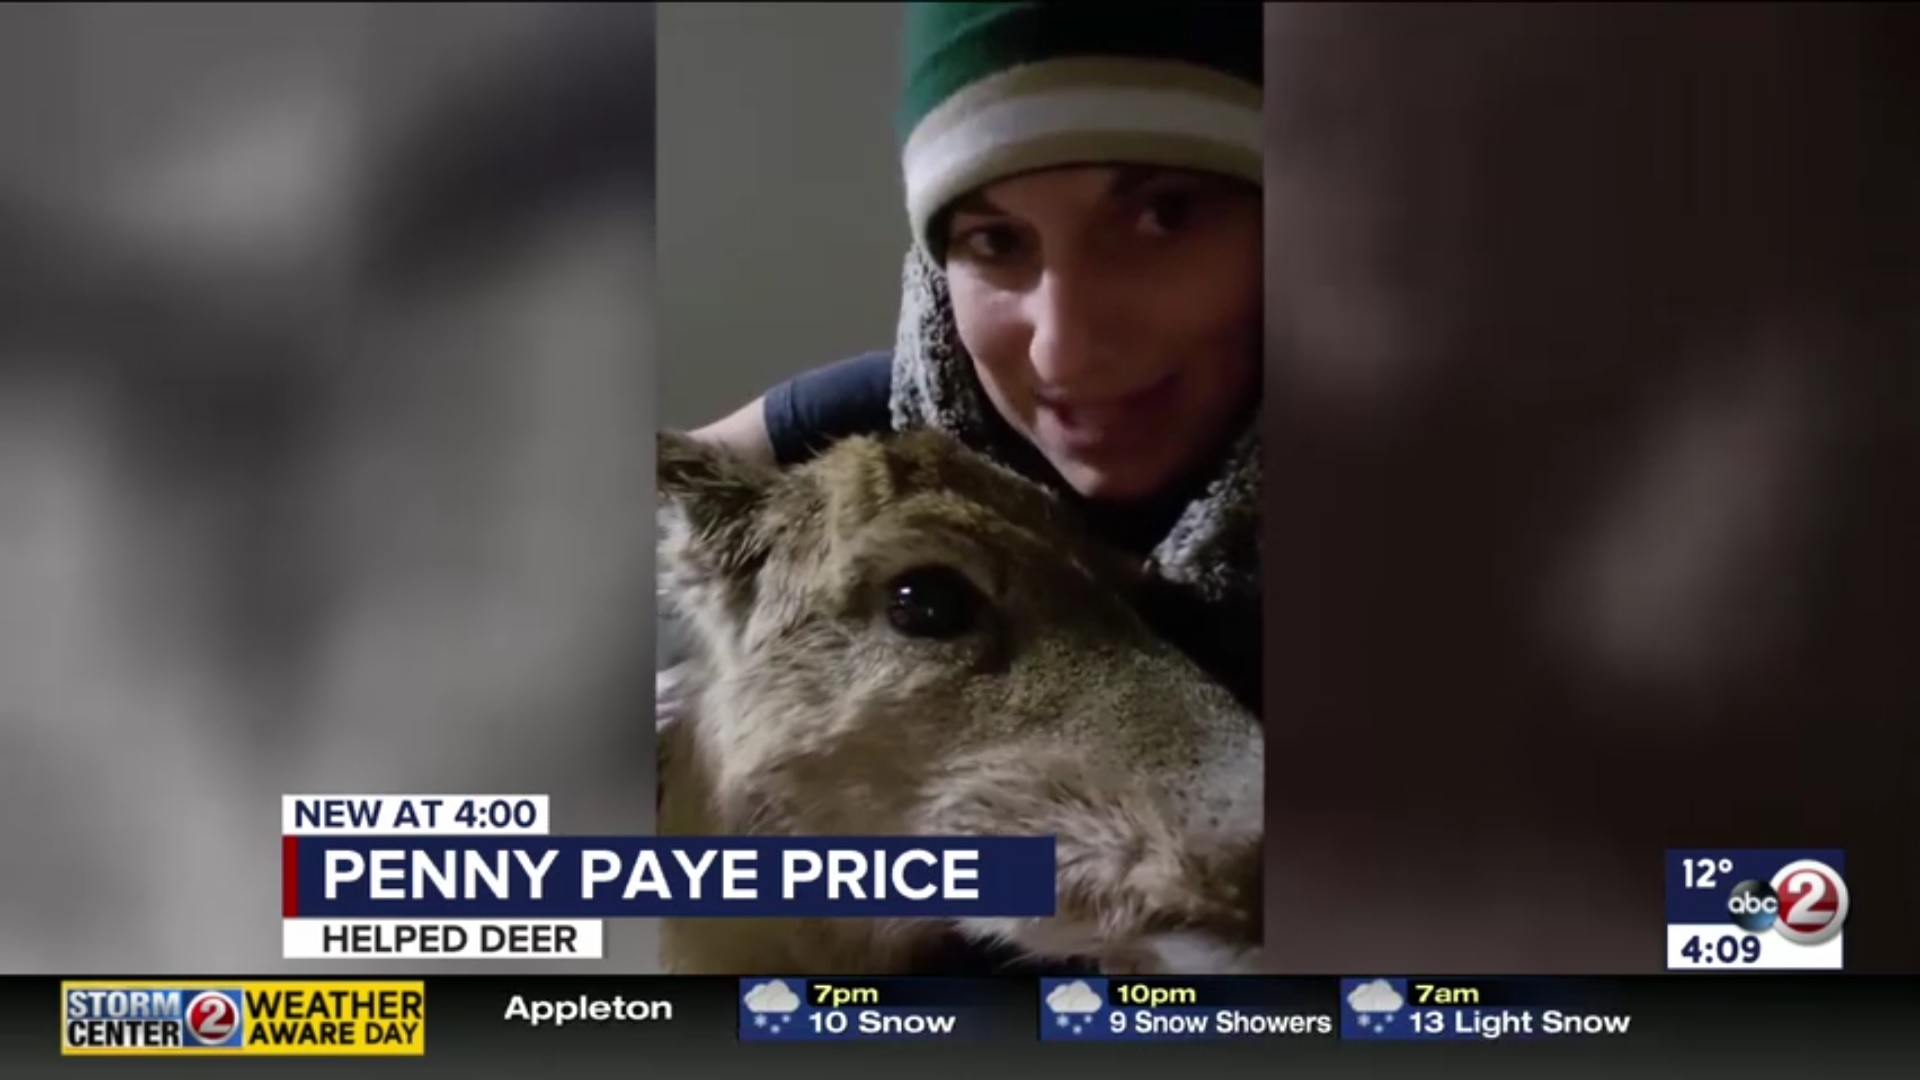 Penny Paye Price: Helped Deer